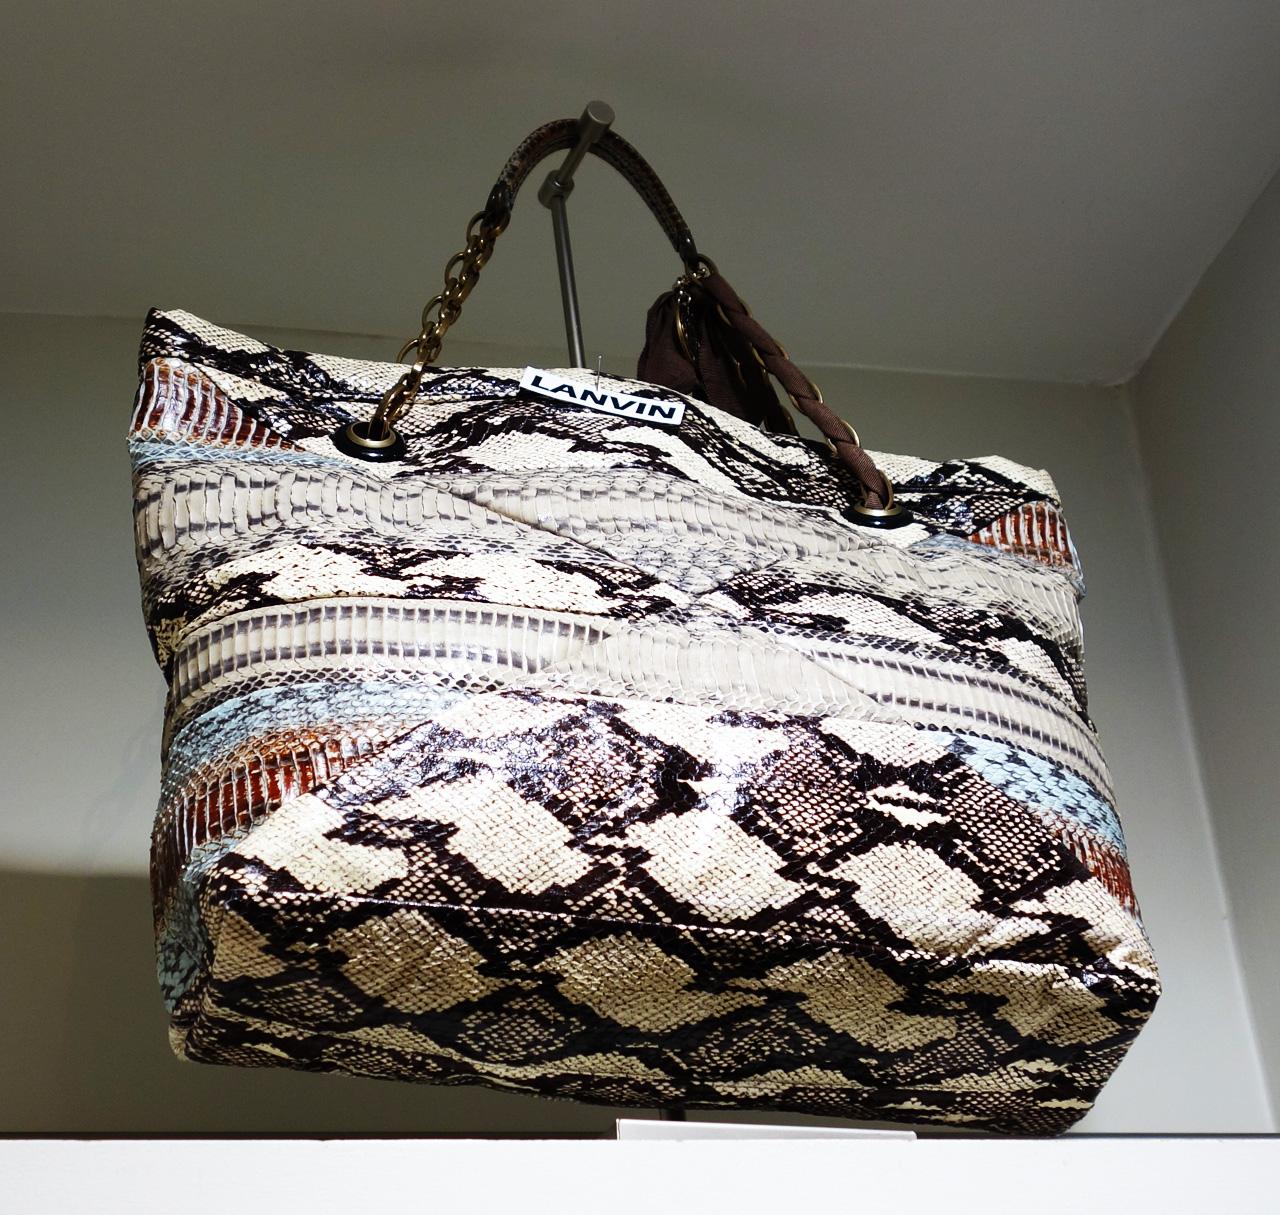 WK-bag-lanvin-snake